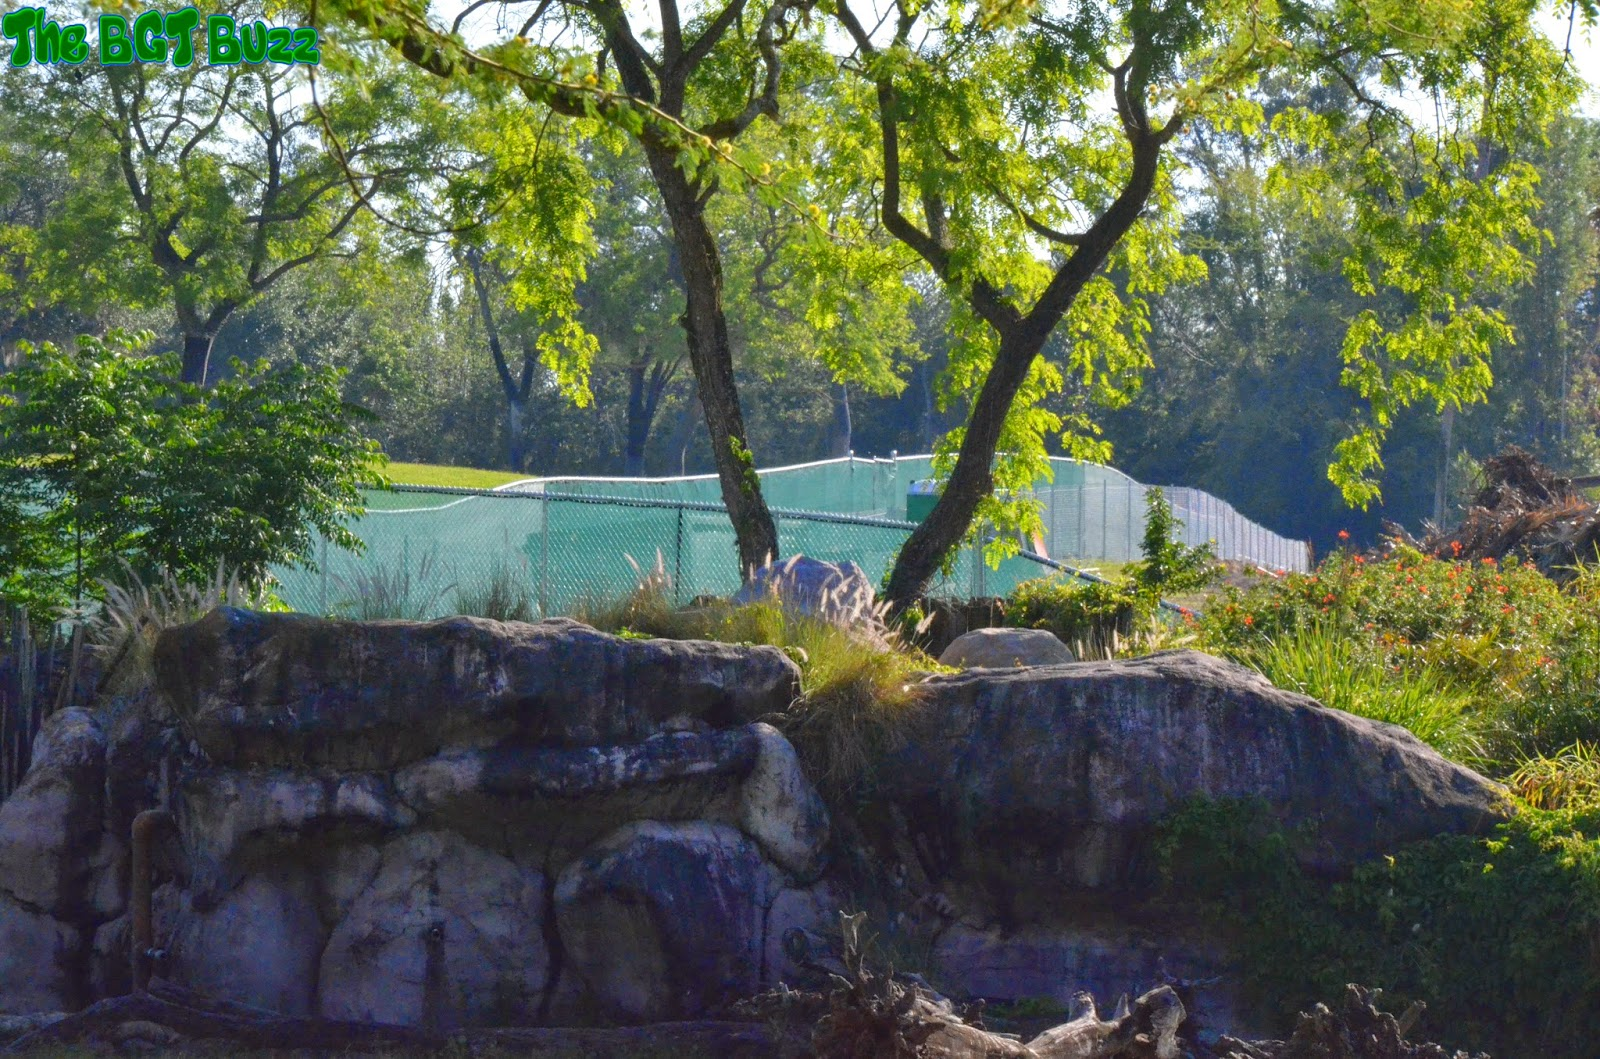 The Bgt Buzz Busch Gardens Tampa Project 2016